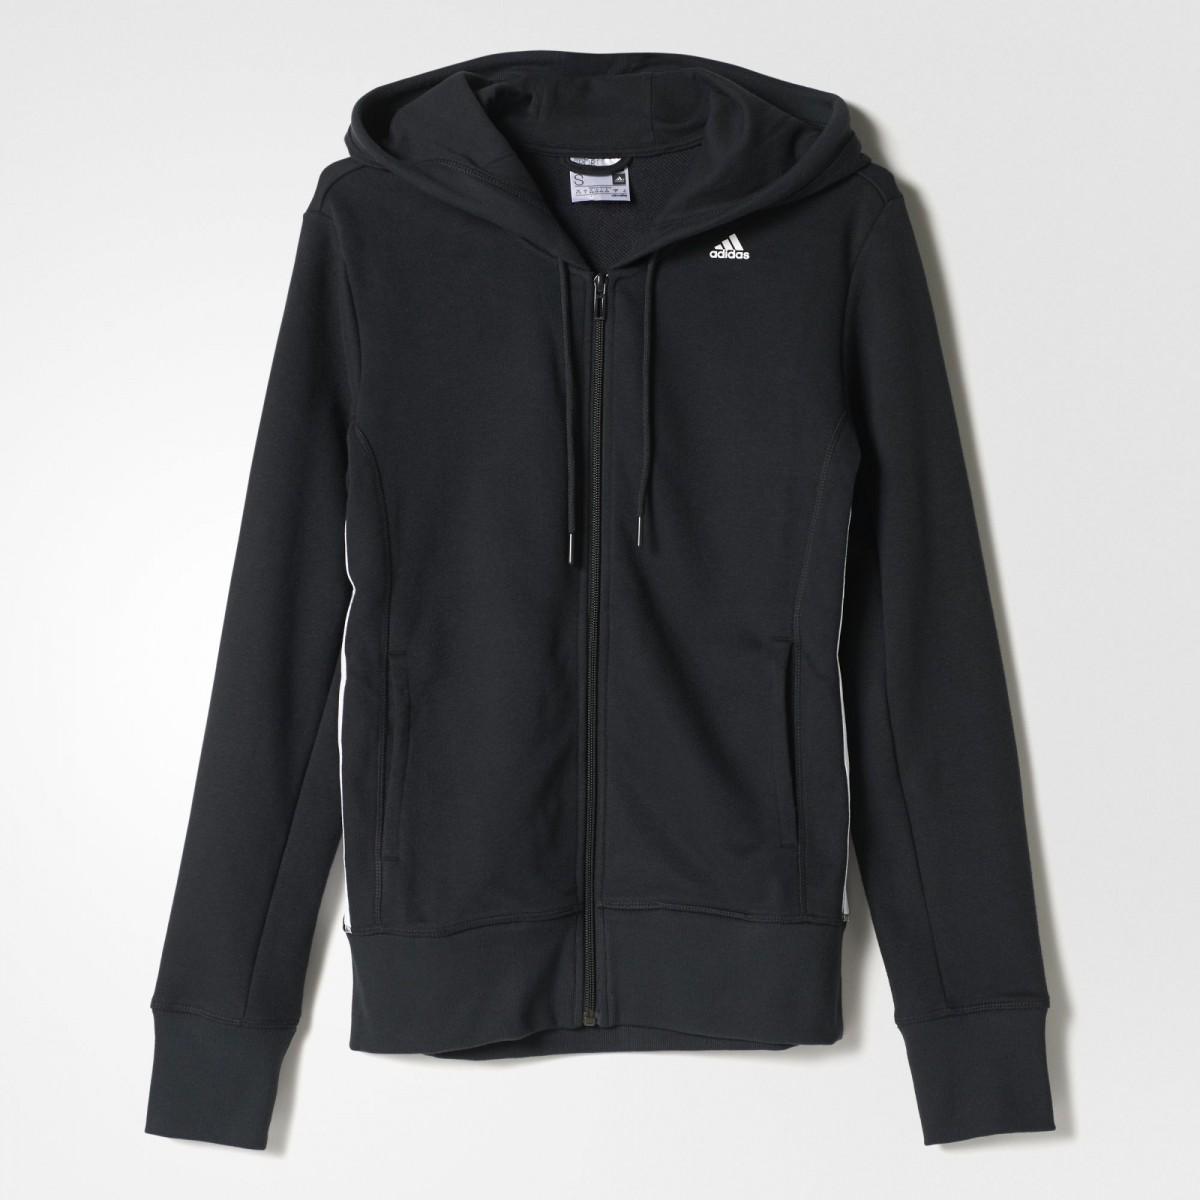 cadf6e333bd Bizz Store - Jaqueta Feminina Adidas ESS Mid Preta Esportiva